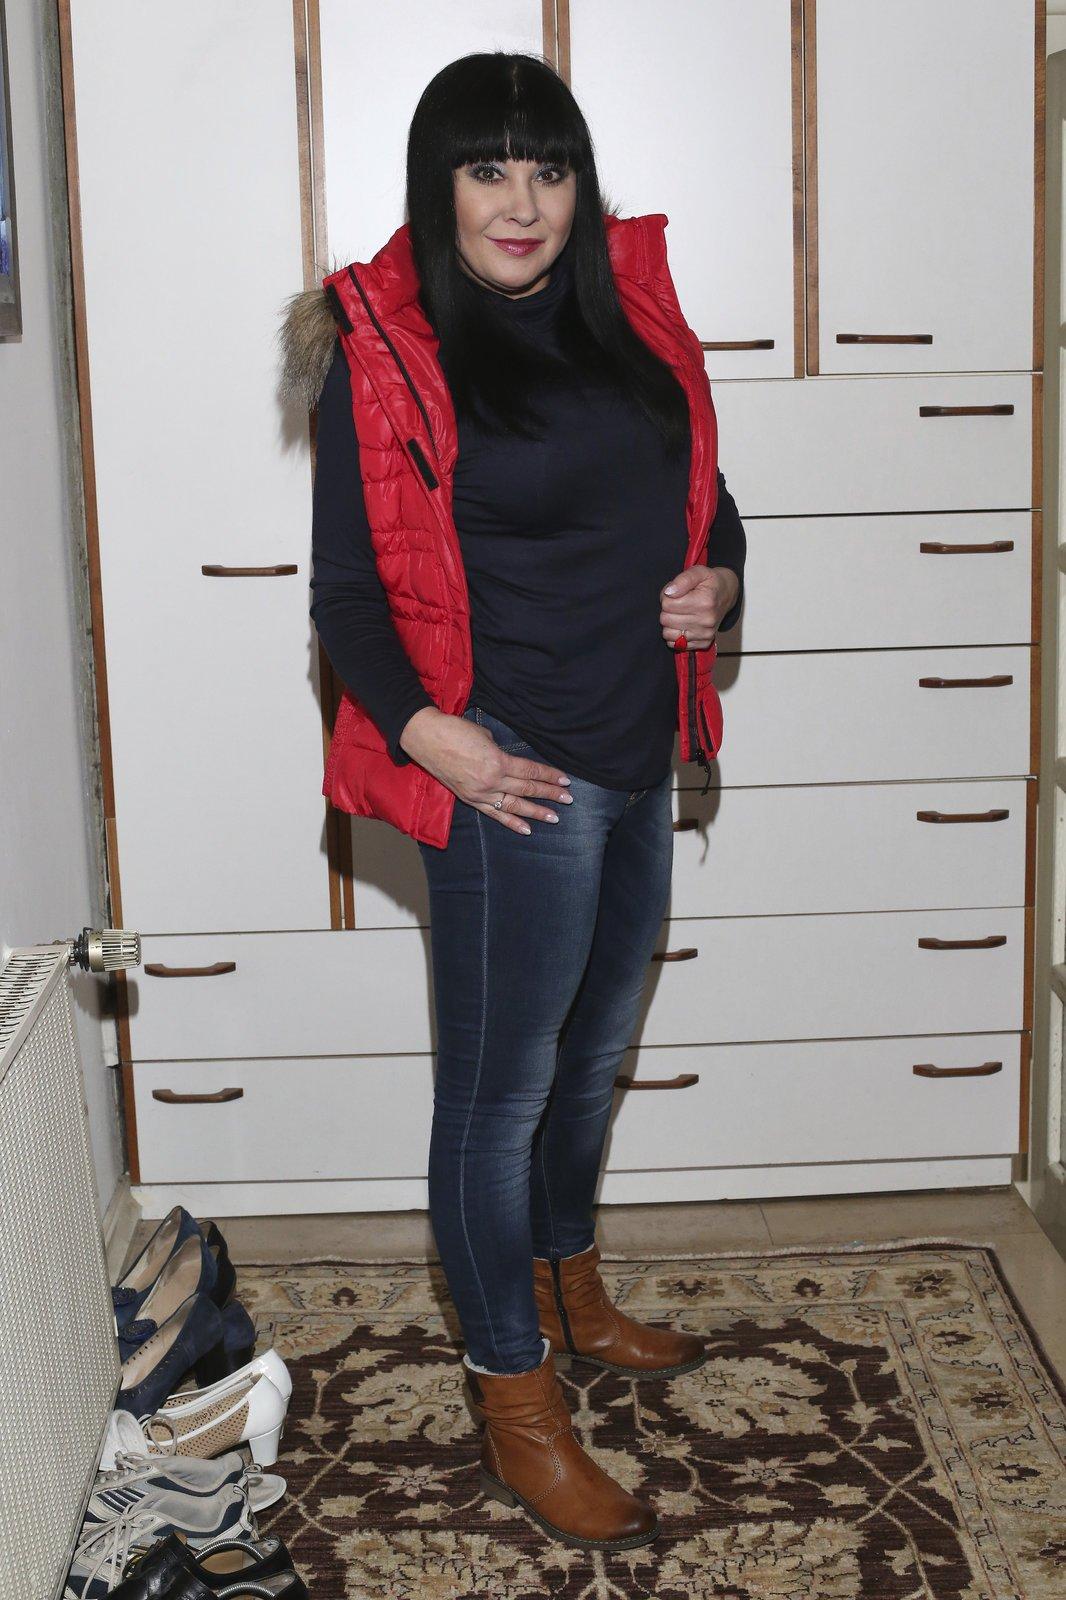 """Vesta ze Slavkova: Červená vesta s kapucí patří mezi nejoblíbenější kousky. Herečka ji nosí na procházky se psem: """"Koupila jsem si ji ve Slavkově po představení. K nelibosti řidiče jsem objevila skvělou prodejnu a strávila tam 2 hodiny. Stála jen 1500 korun!"""""""